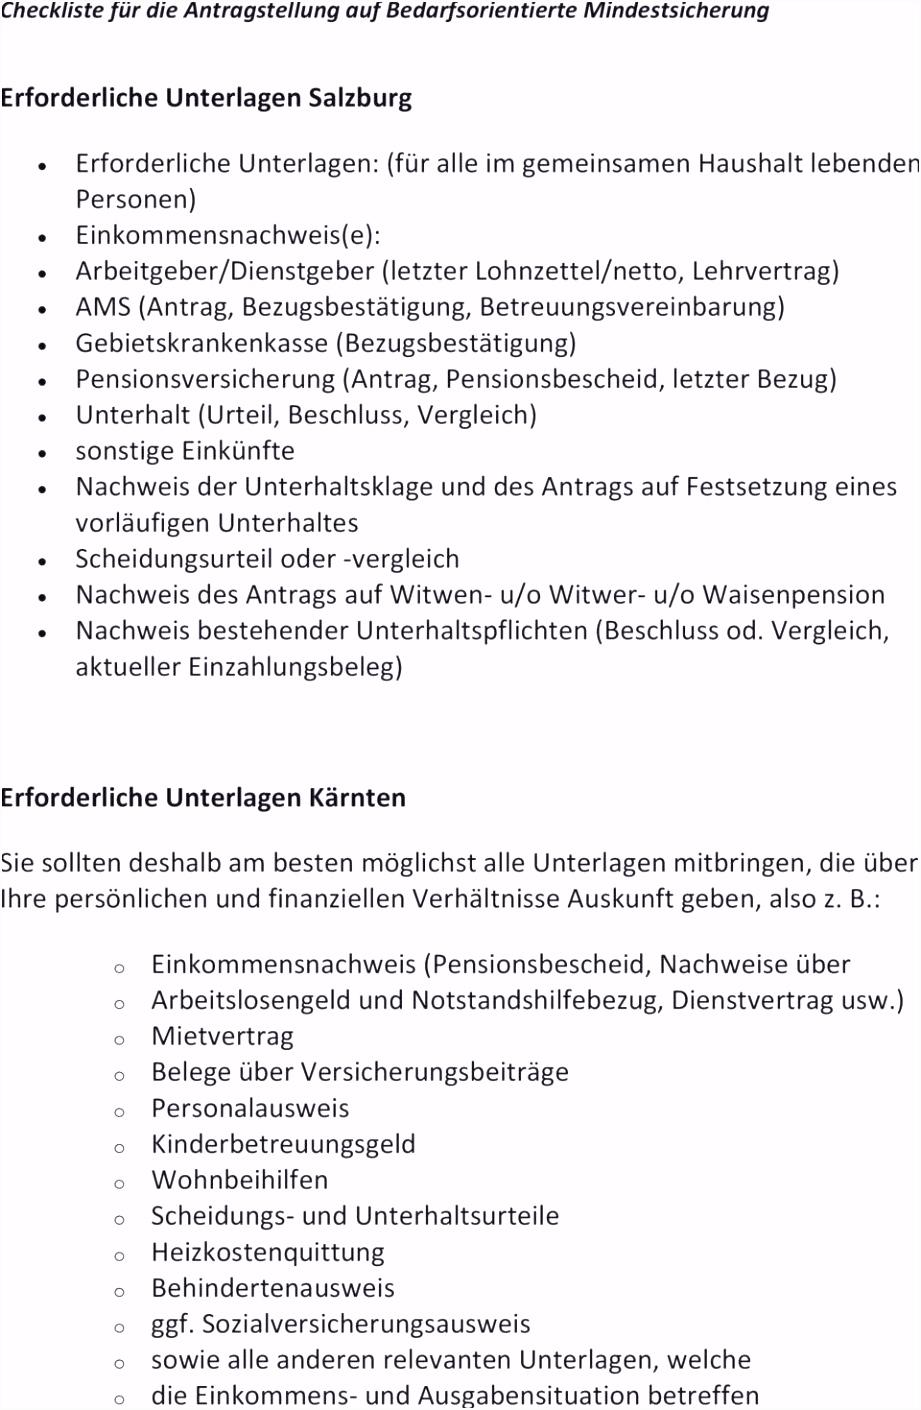 Jahresabschluss Checkliste Vorlage Kündigung Mietvertrag Vorlage Kostenlos Elegant Fristgerechte U8qs29fsf1 B0qt26sqy5